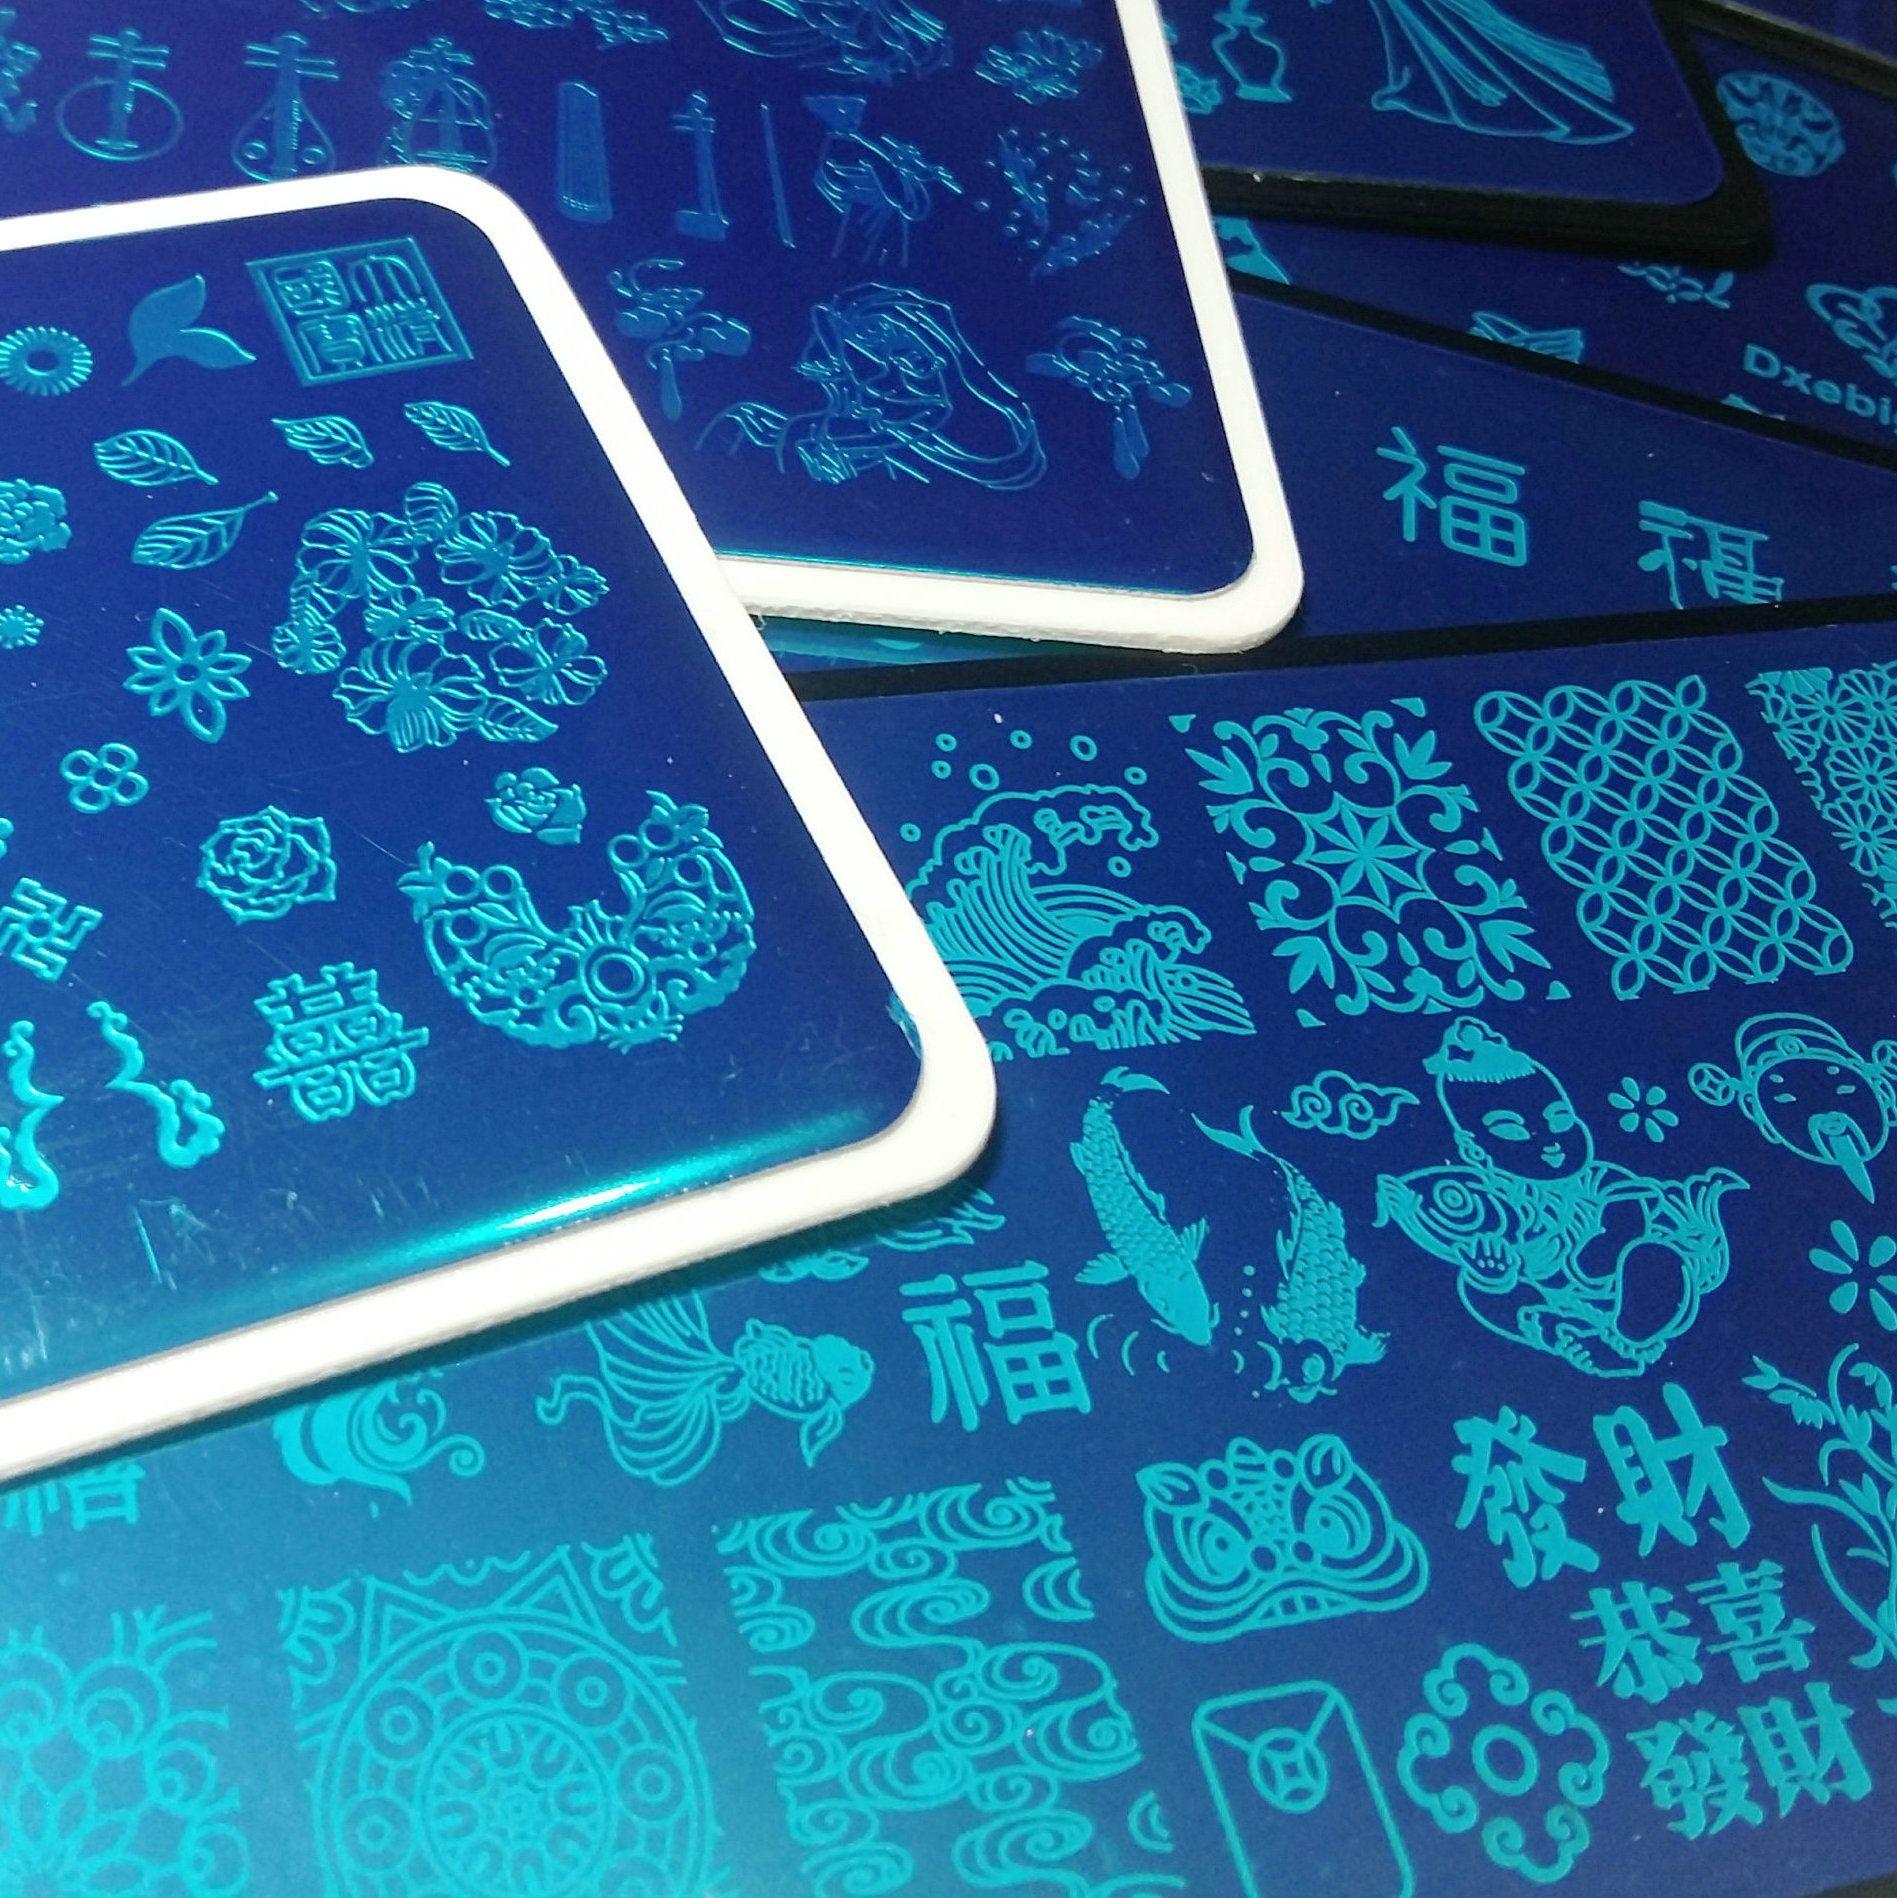 8pcs chinesischer Stil Chinoiserie China Worte Designs Nagel-Kunst-Platte Stempelplatten Französisch Bild Stencil-Transfer polnische Vorlage